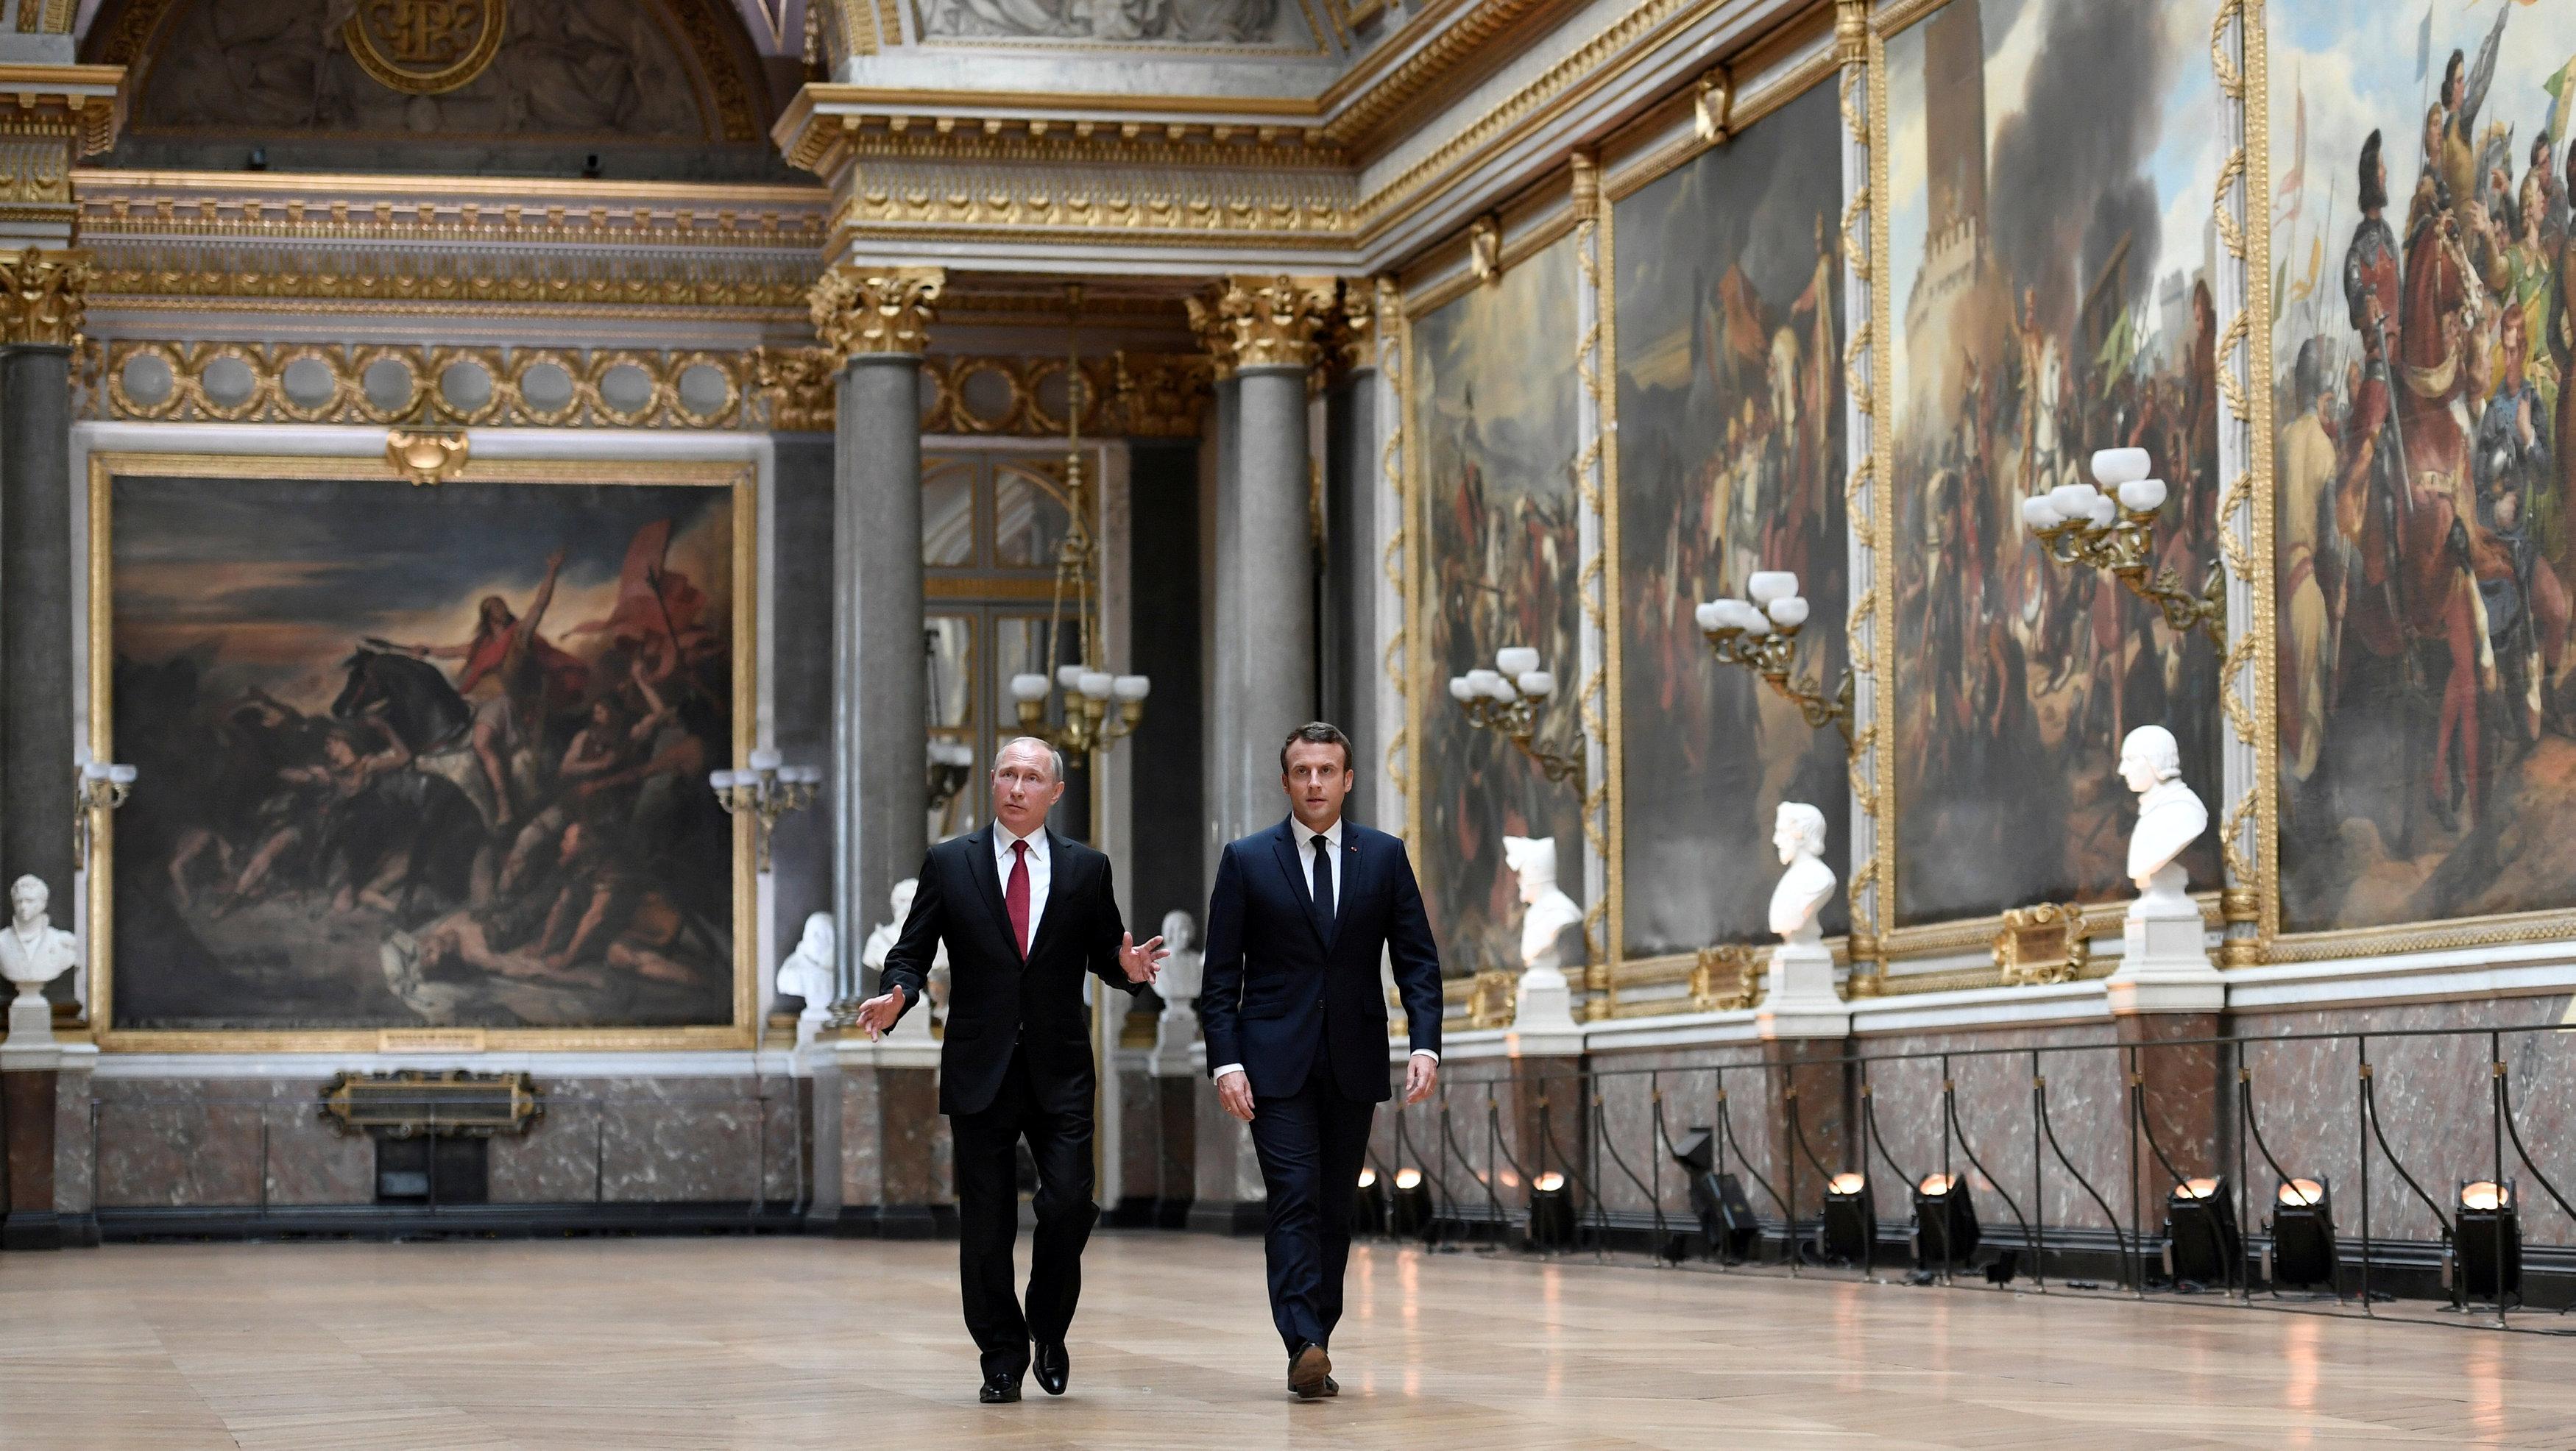 Putin y Macron caminan por la Galería de las Batallas, que conmemora las victorias militares de Francia, en el palacio de Versalles (Reuters)